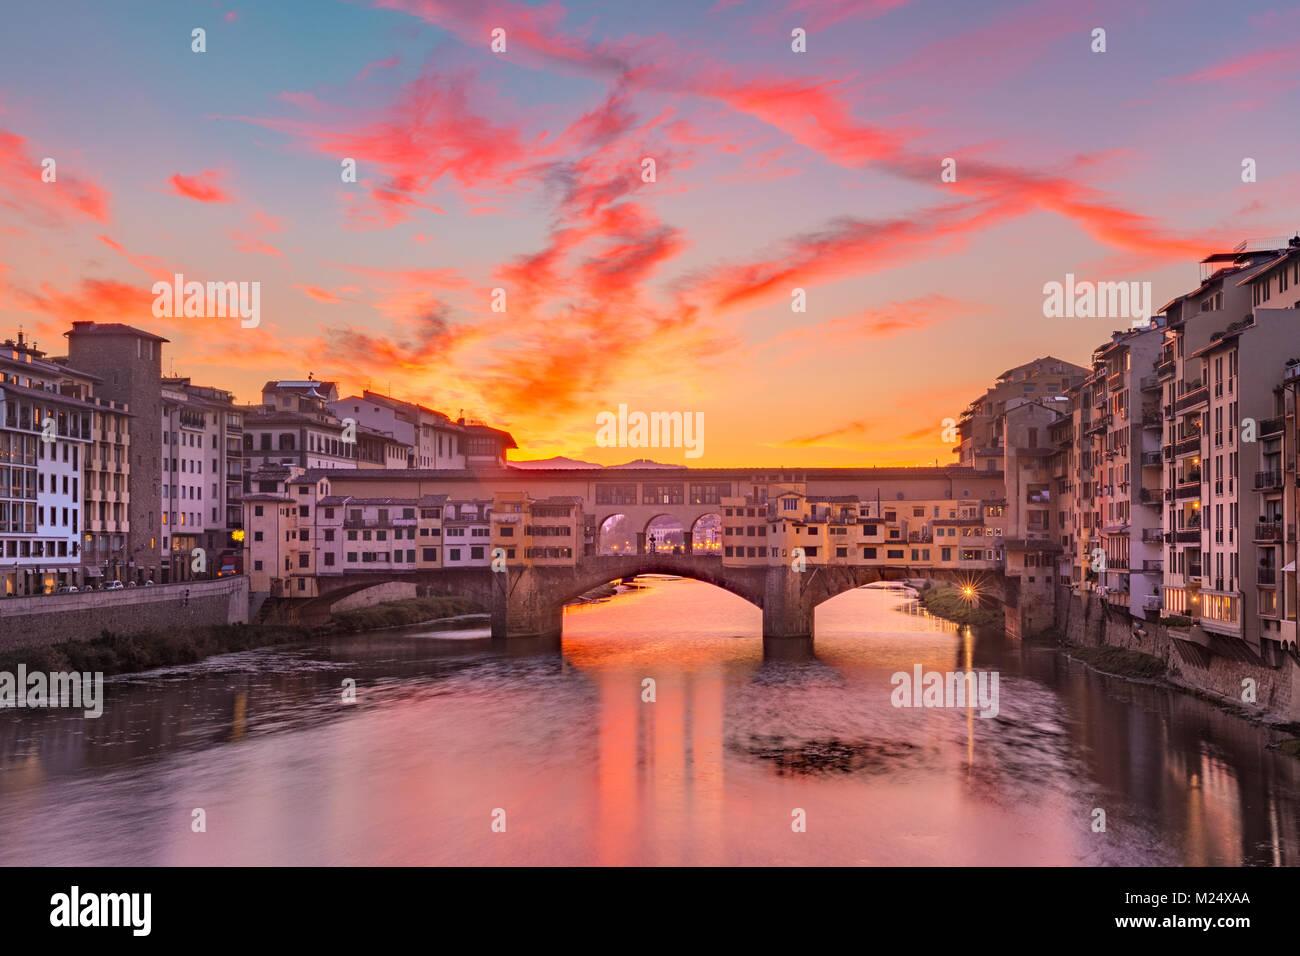 La rivière Arno et le Ponte Vecchio à Florence, Italie Photo Stock